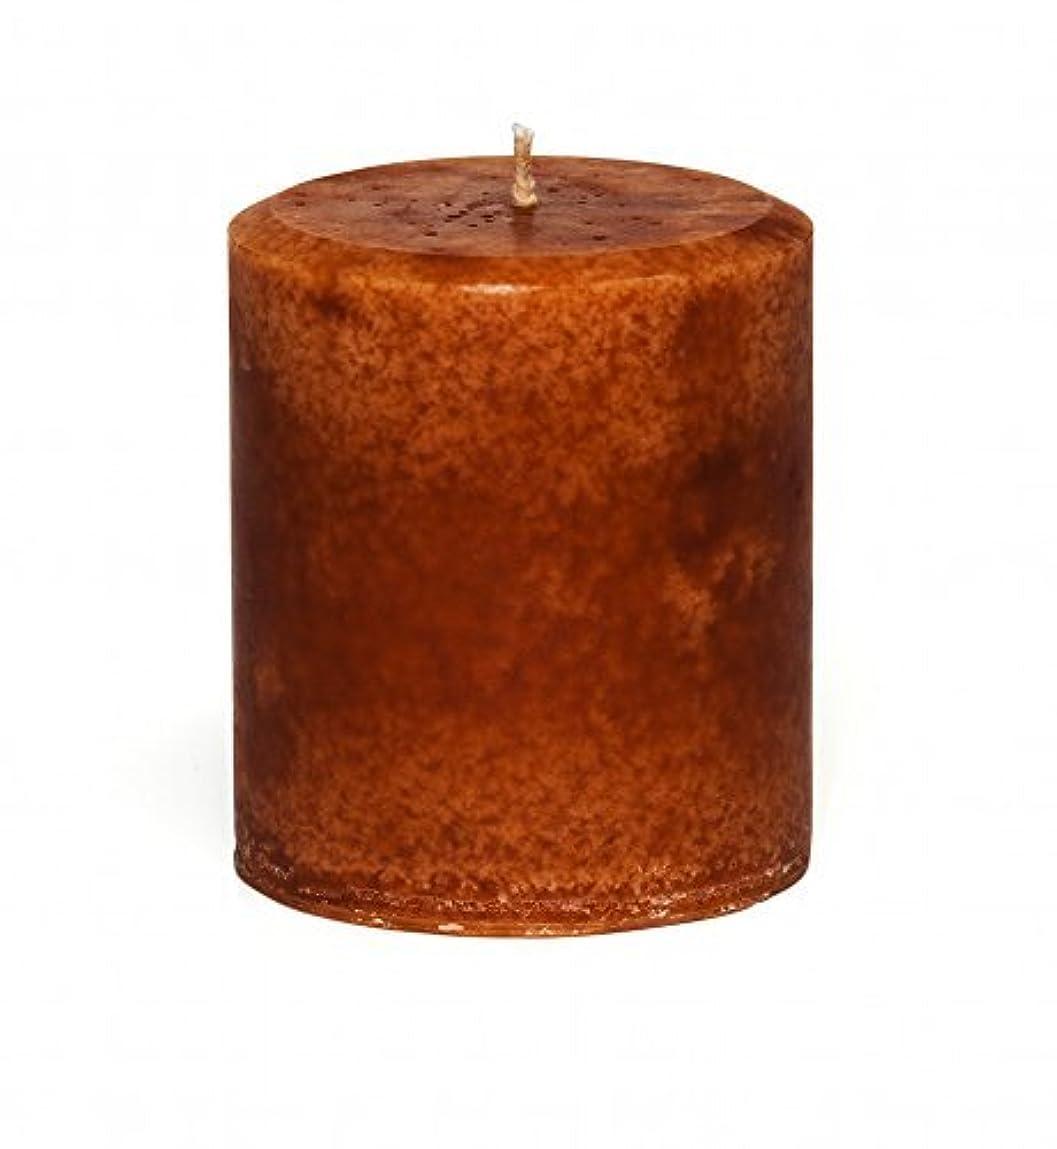 想像力豊かなボーダー民族主義Jensanシナモンオレンジ香りつき装飾Pillar Candle、ハンドメイド – 装飾 – 強力な香り